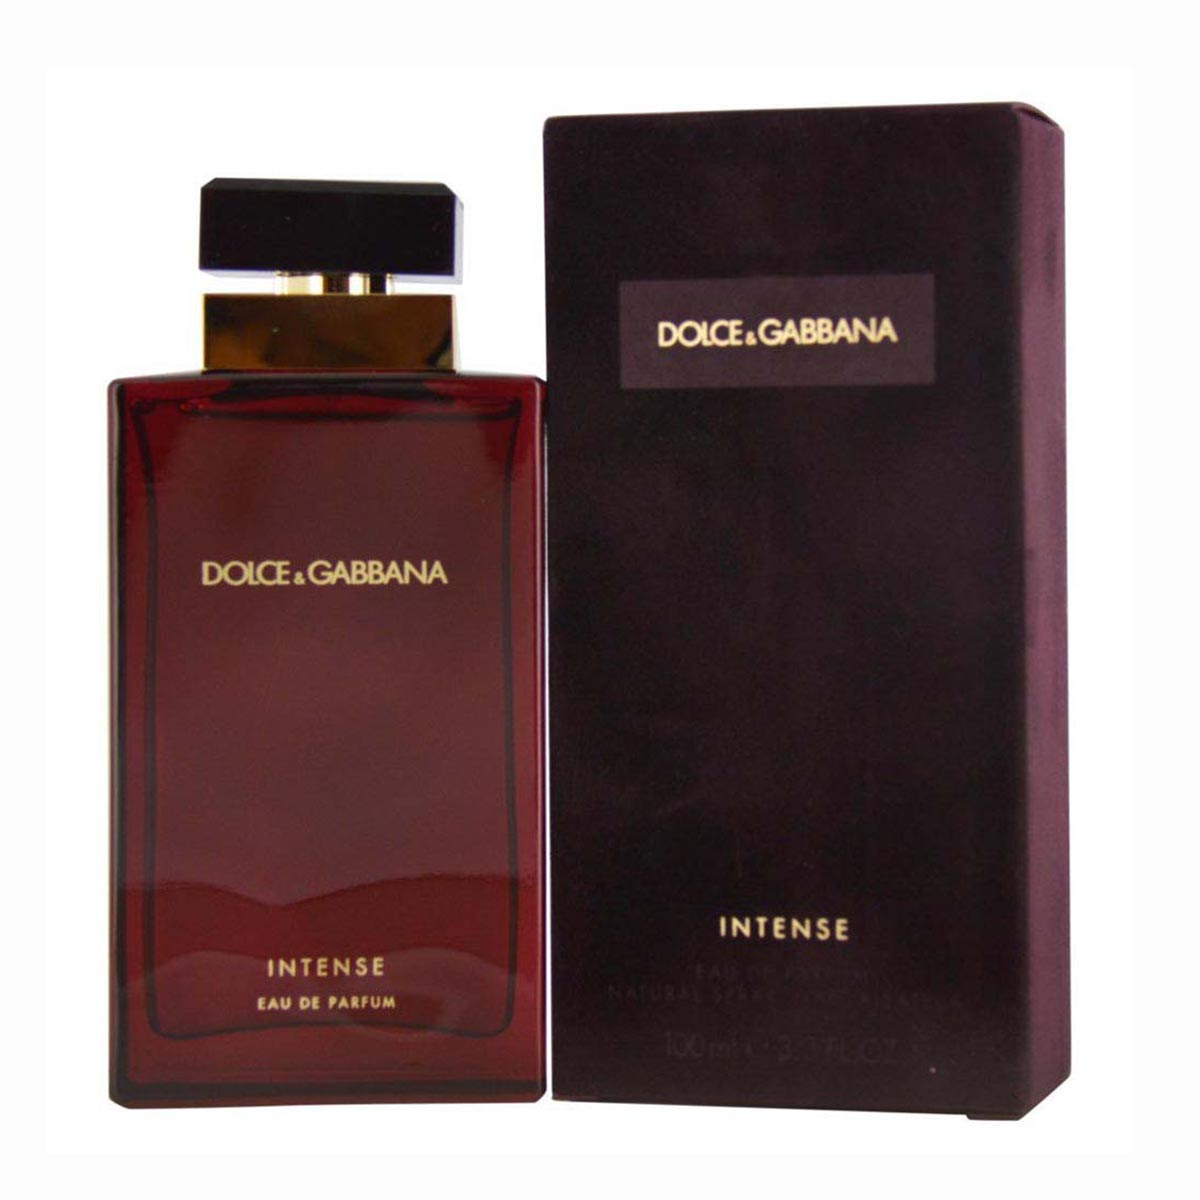 Dolce gabbana femme intense eau de parfum 50ml vaporizador